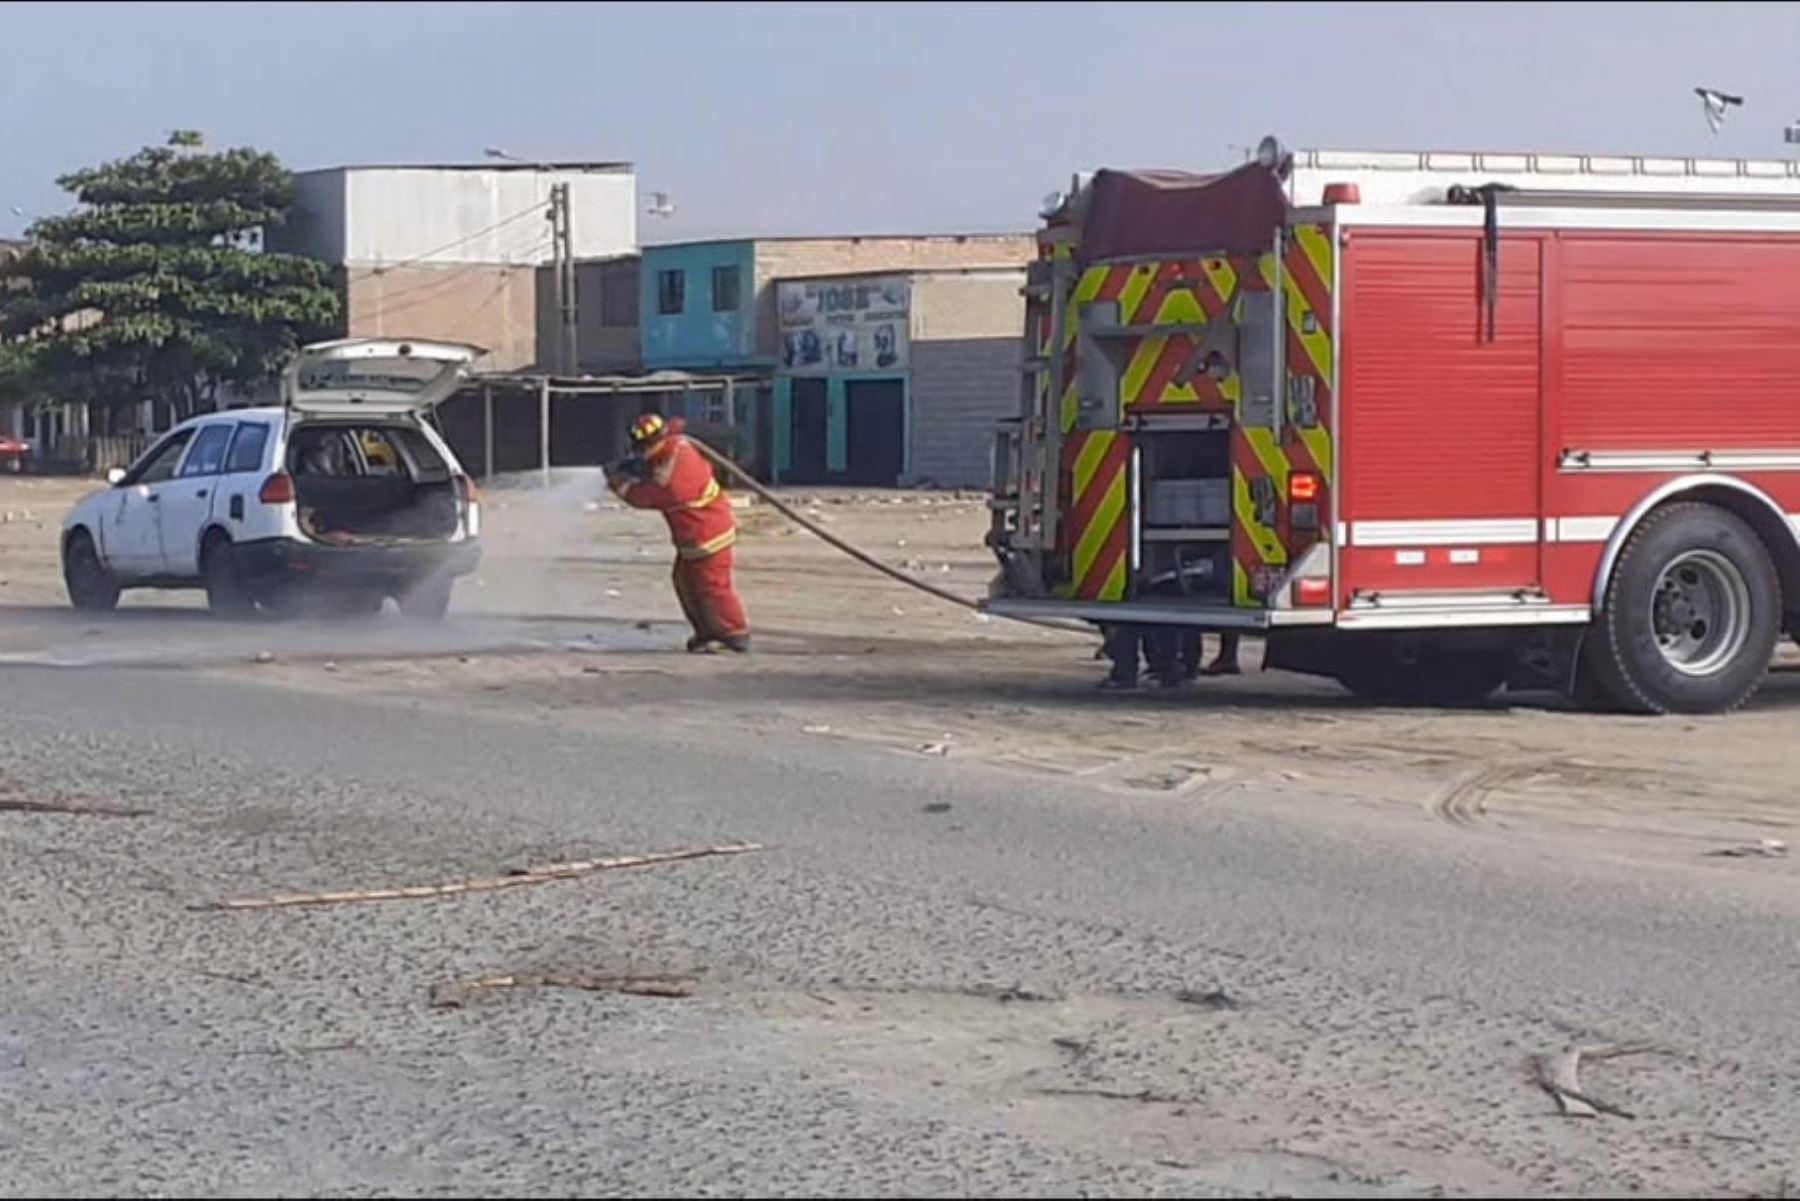 La rápida intervención de los bomberos permitió controlar la fuga de gas licuado de petróleo de un auto en circulación sin ocasionar daño personales.